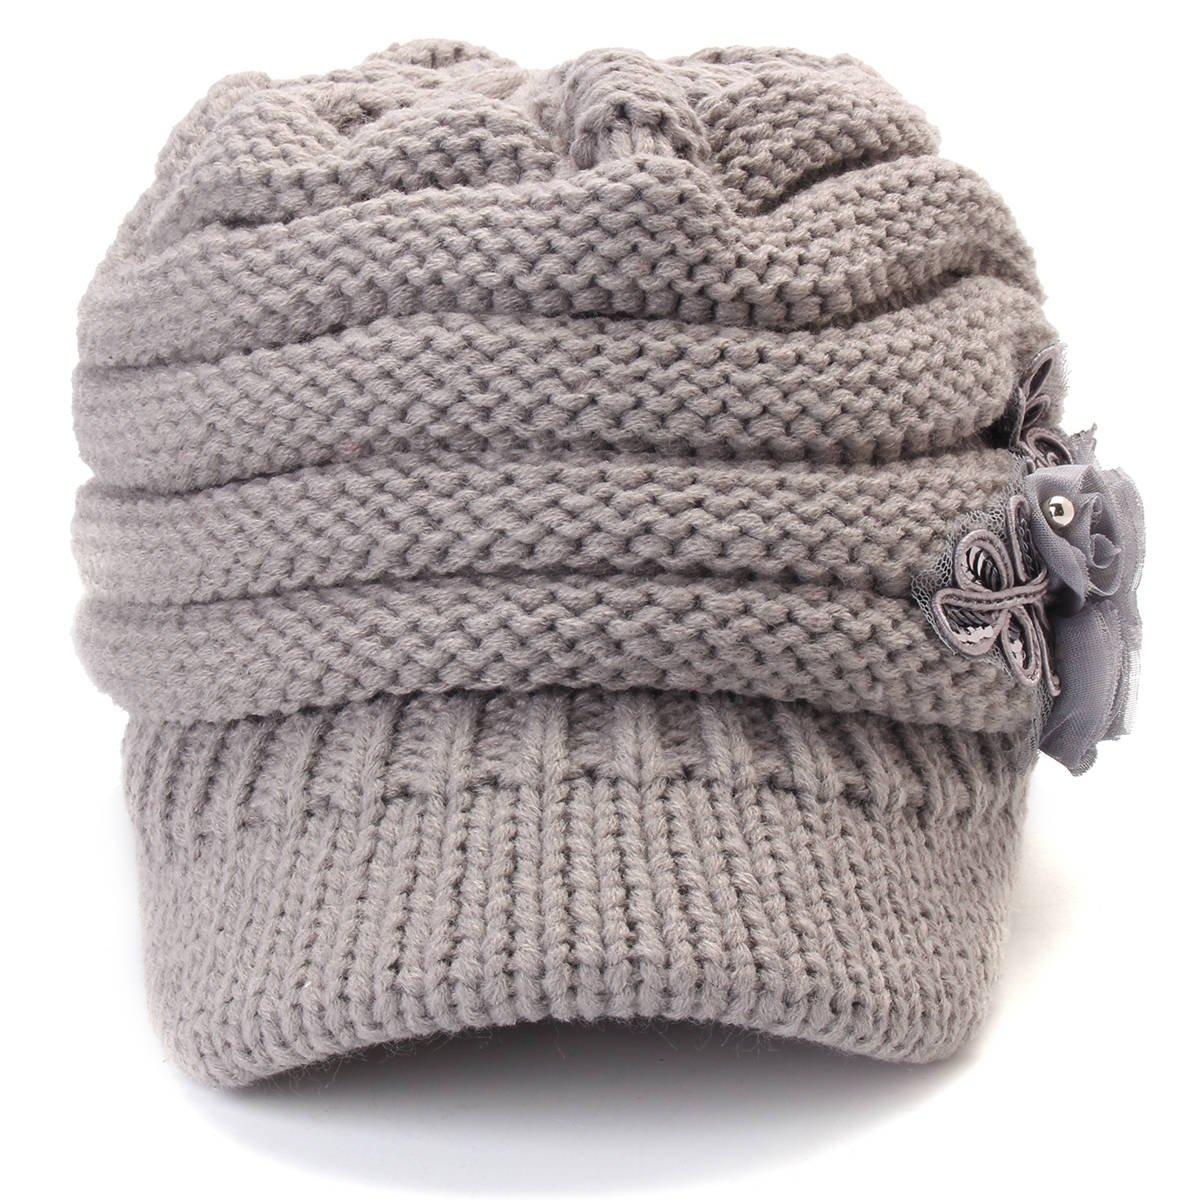 Lid Knitted Hat Cycling - Women Winter Warm Woolen Yarn Flower Hat Outdoor Windproof Elastic Hat - 1PCs